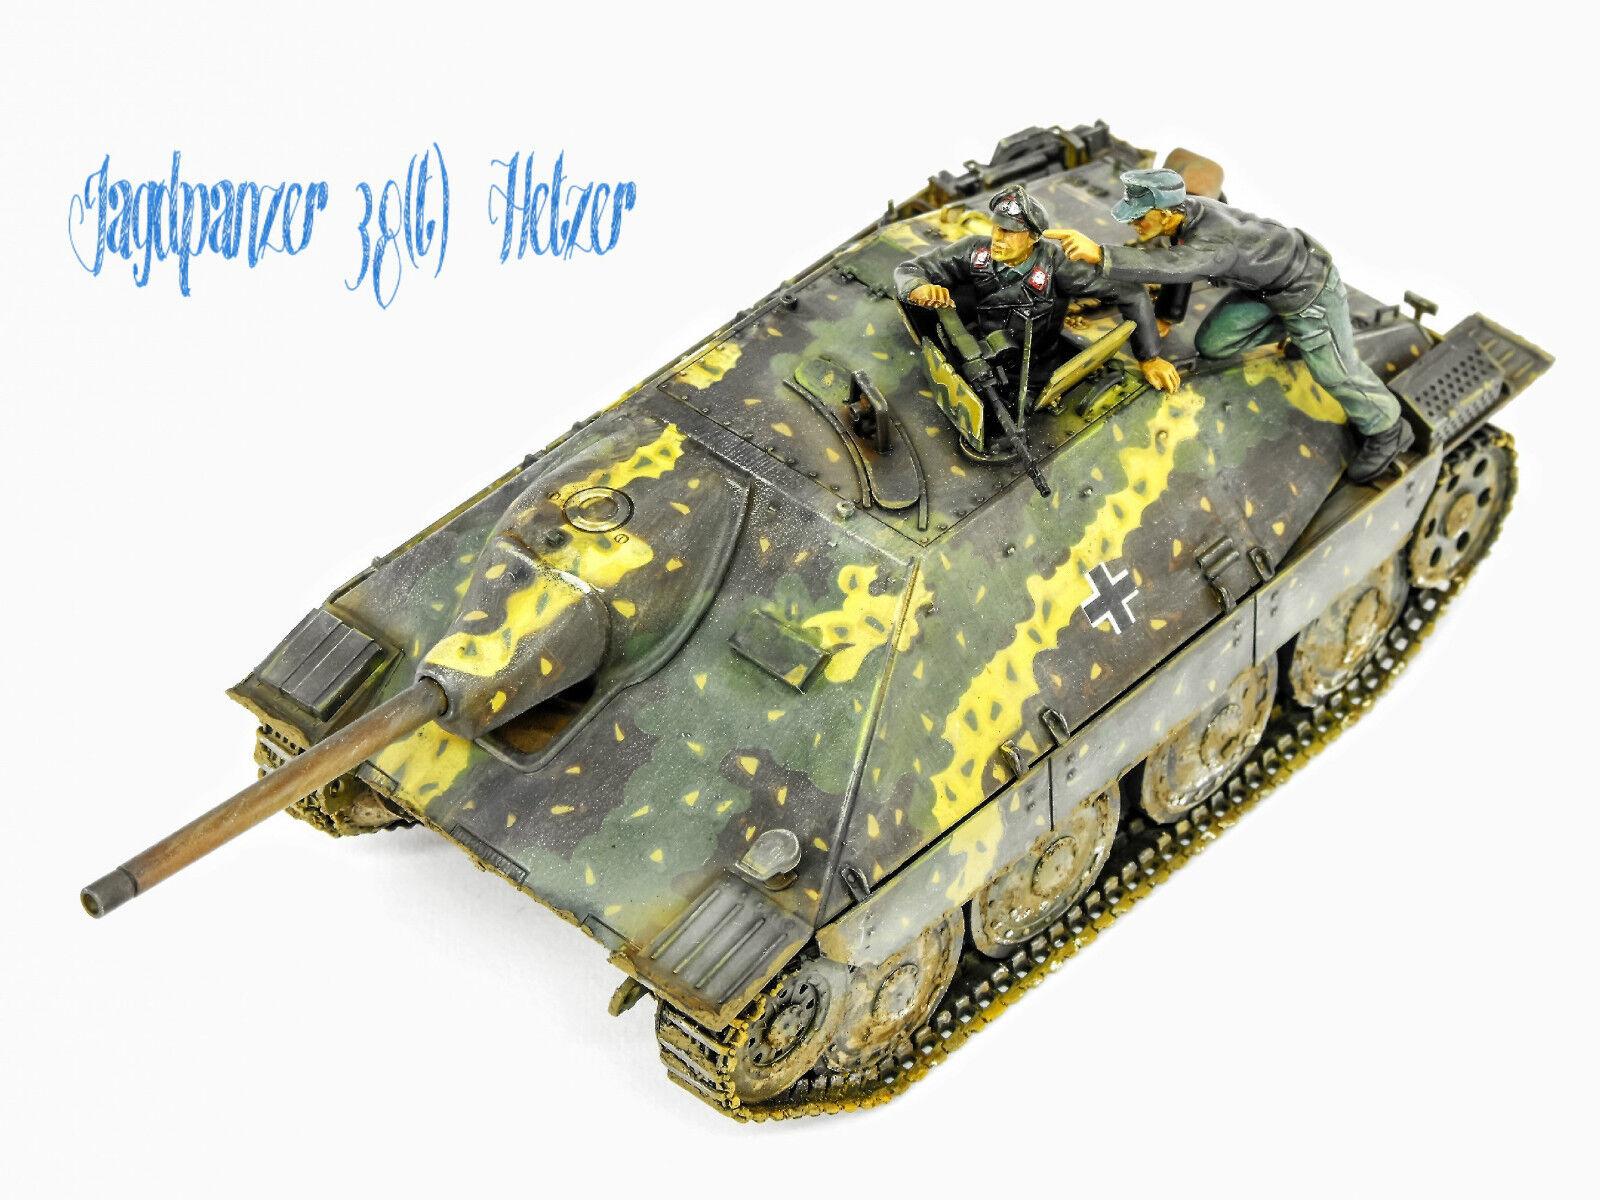 Jagdpanzer 38  t Hetzer Late Production Version scale 1 35  en solde 70% de réduction